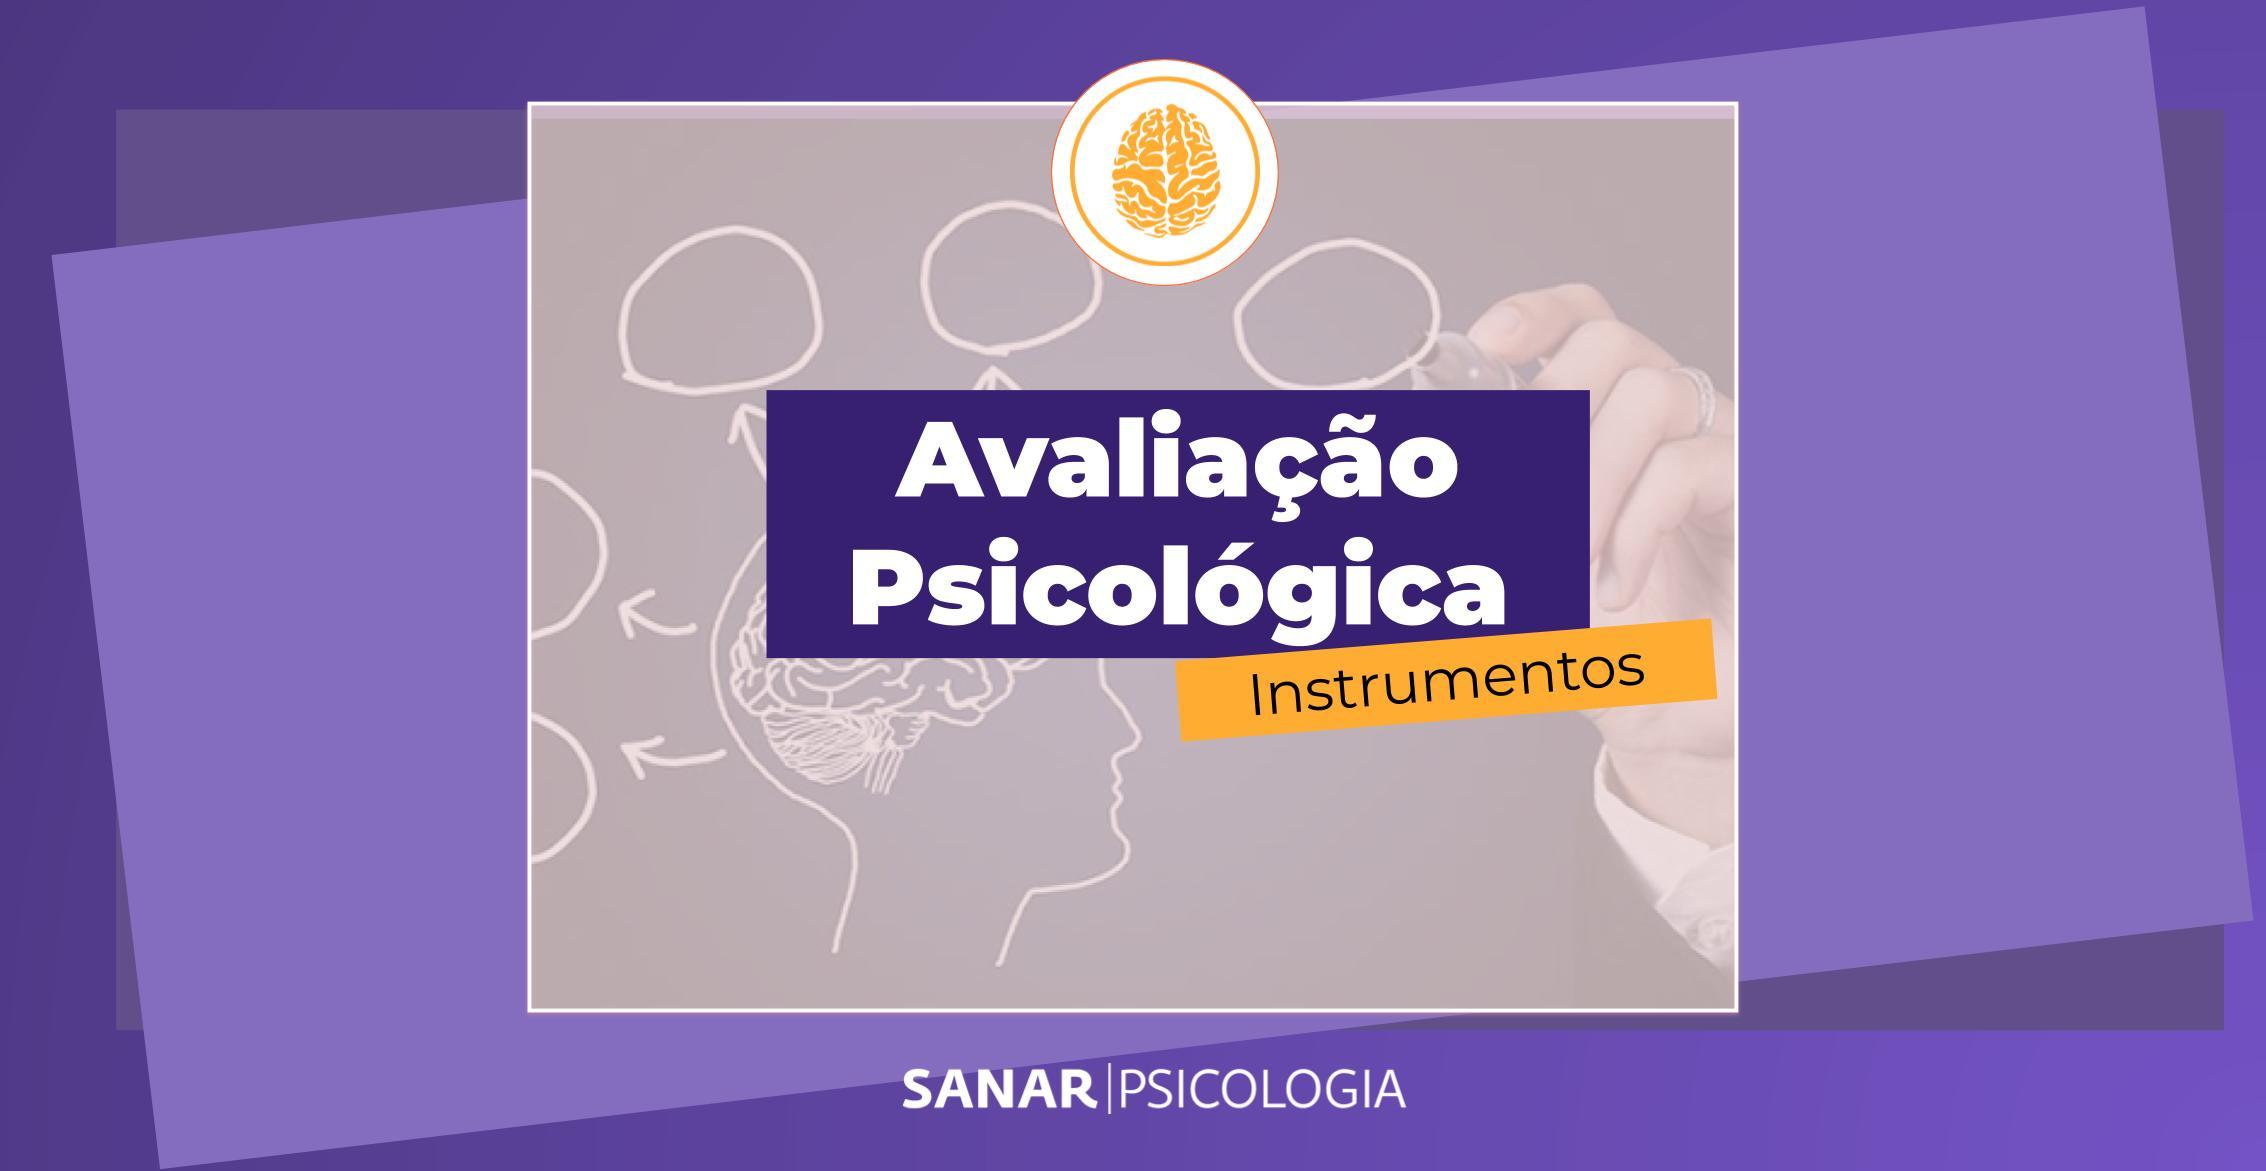 Avaliação Psicológica: instrumentos